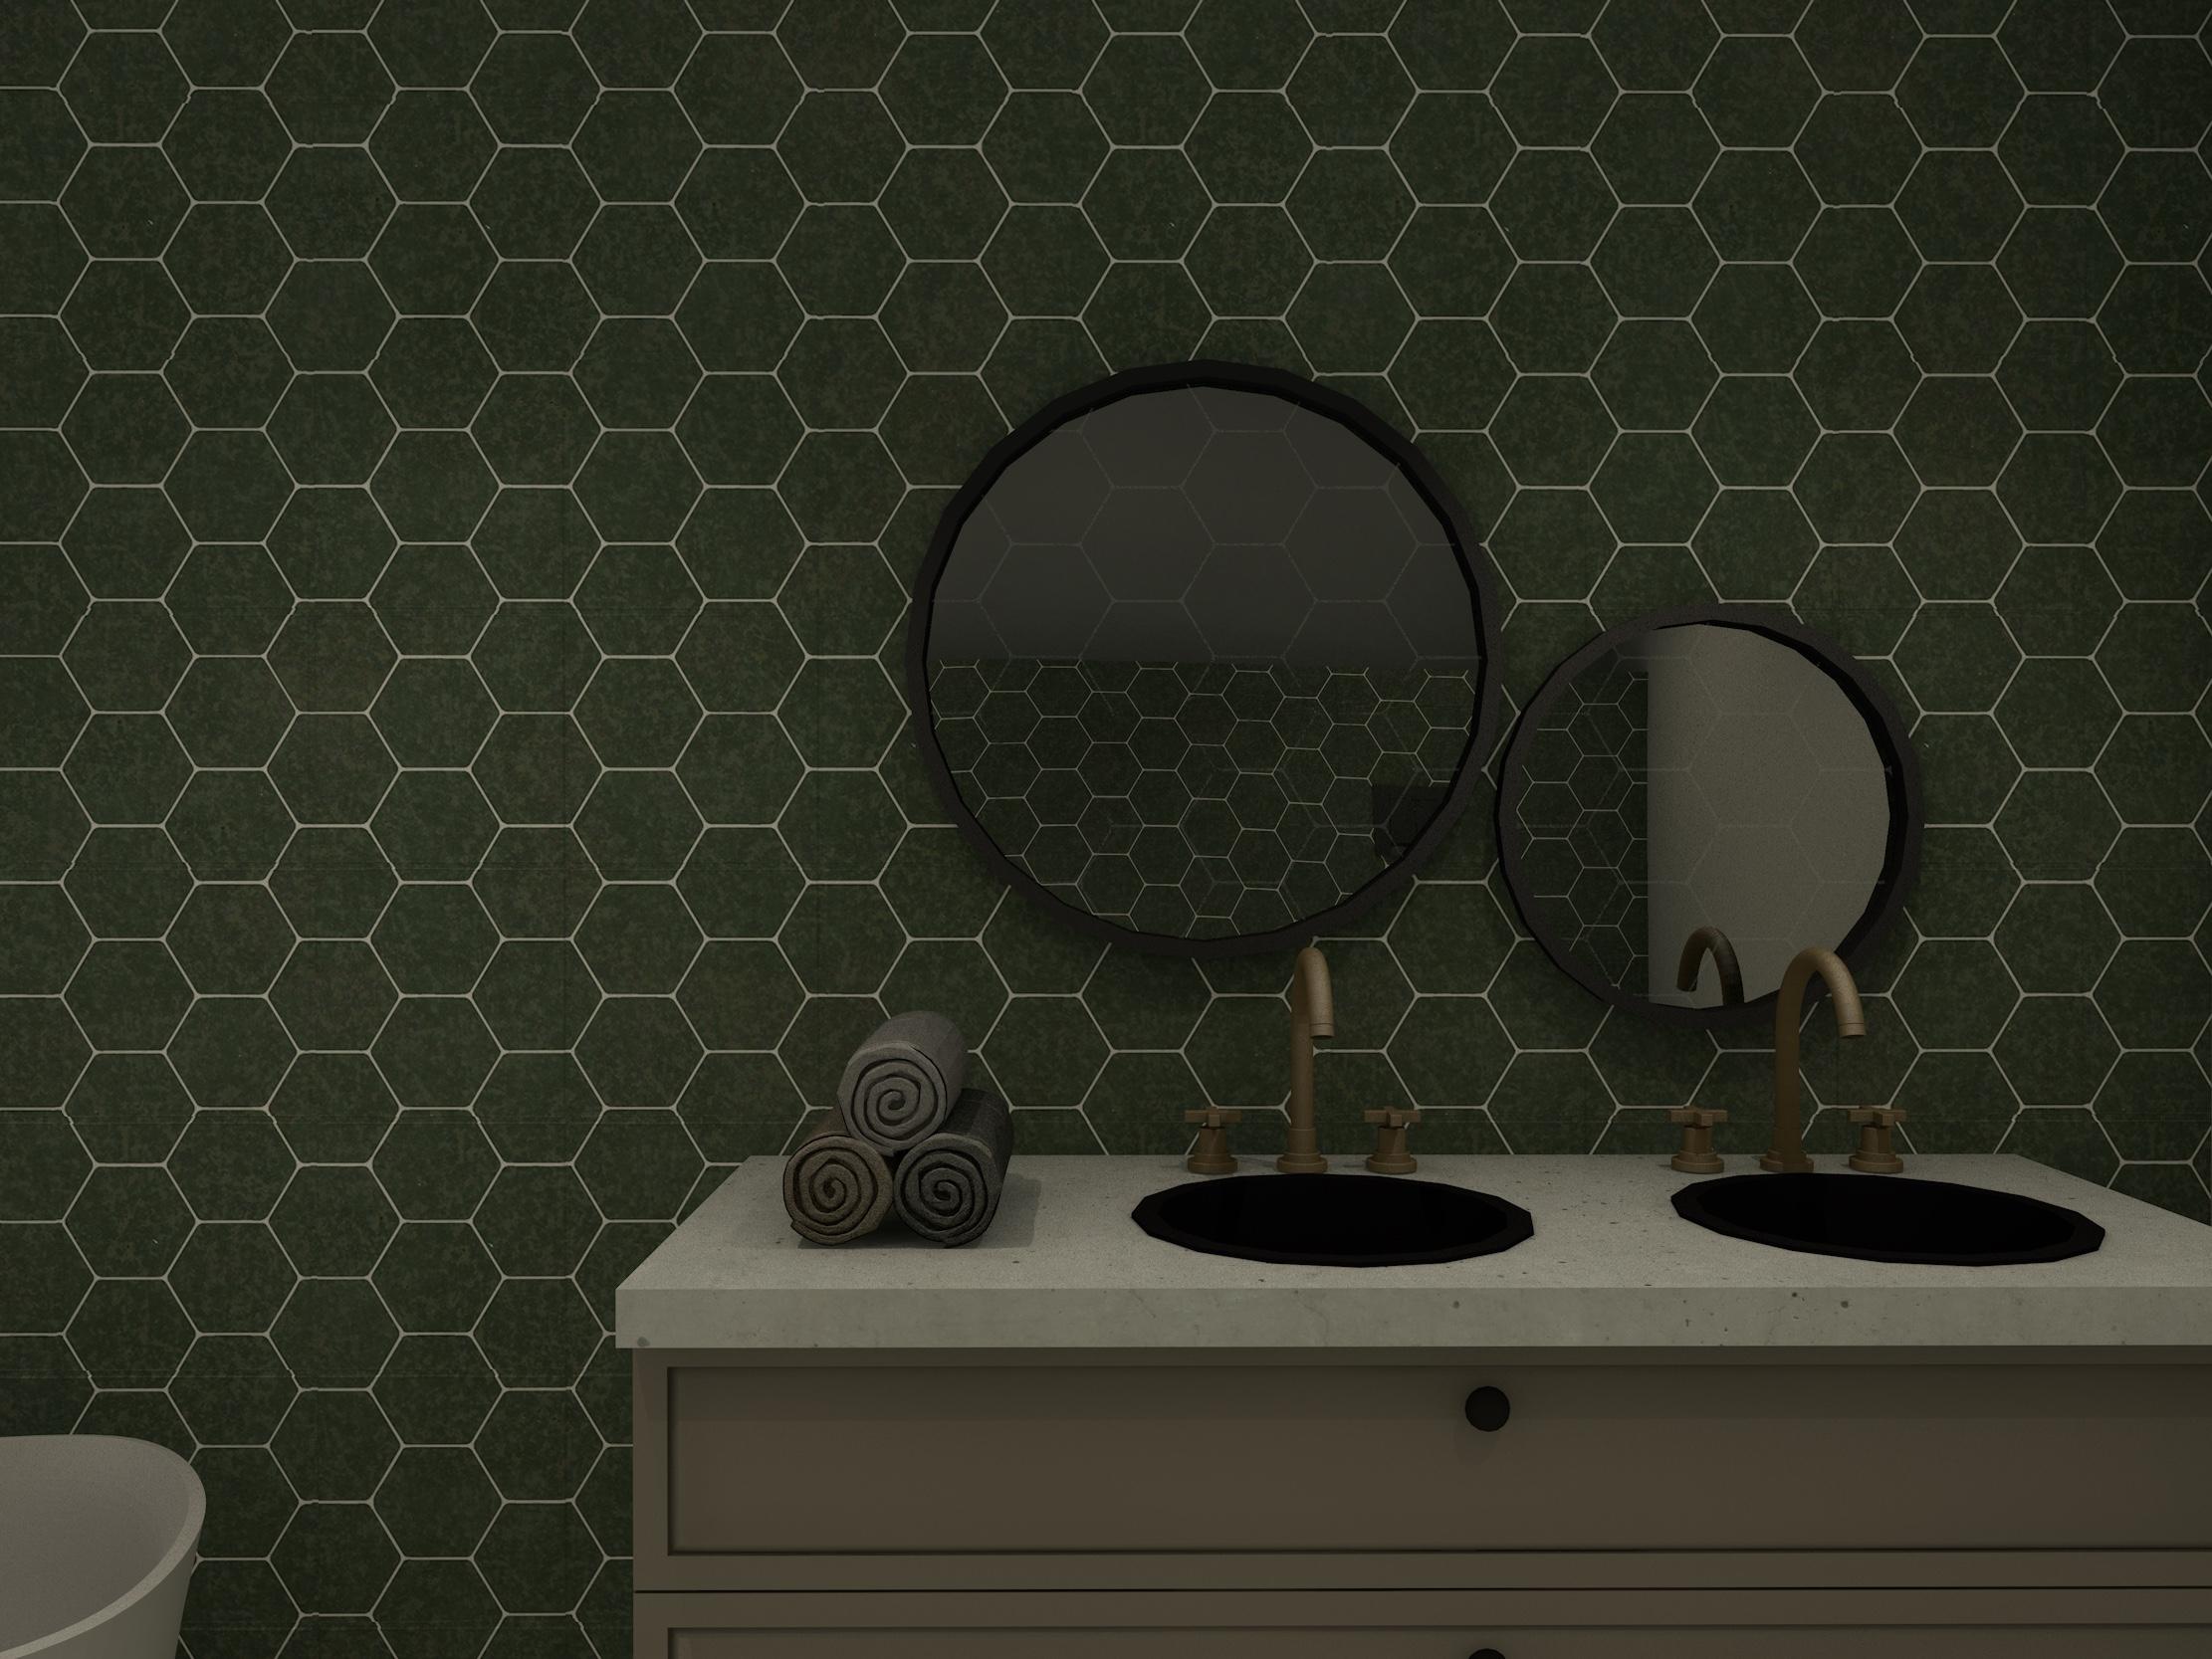 baderom med speil, vask og grønne fliser